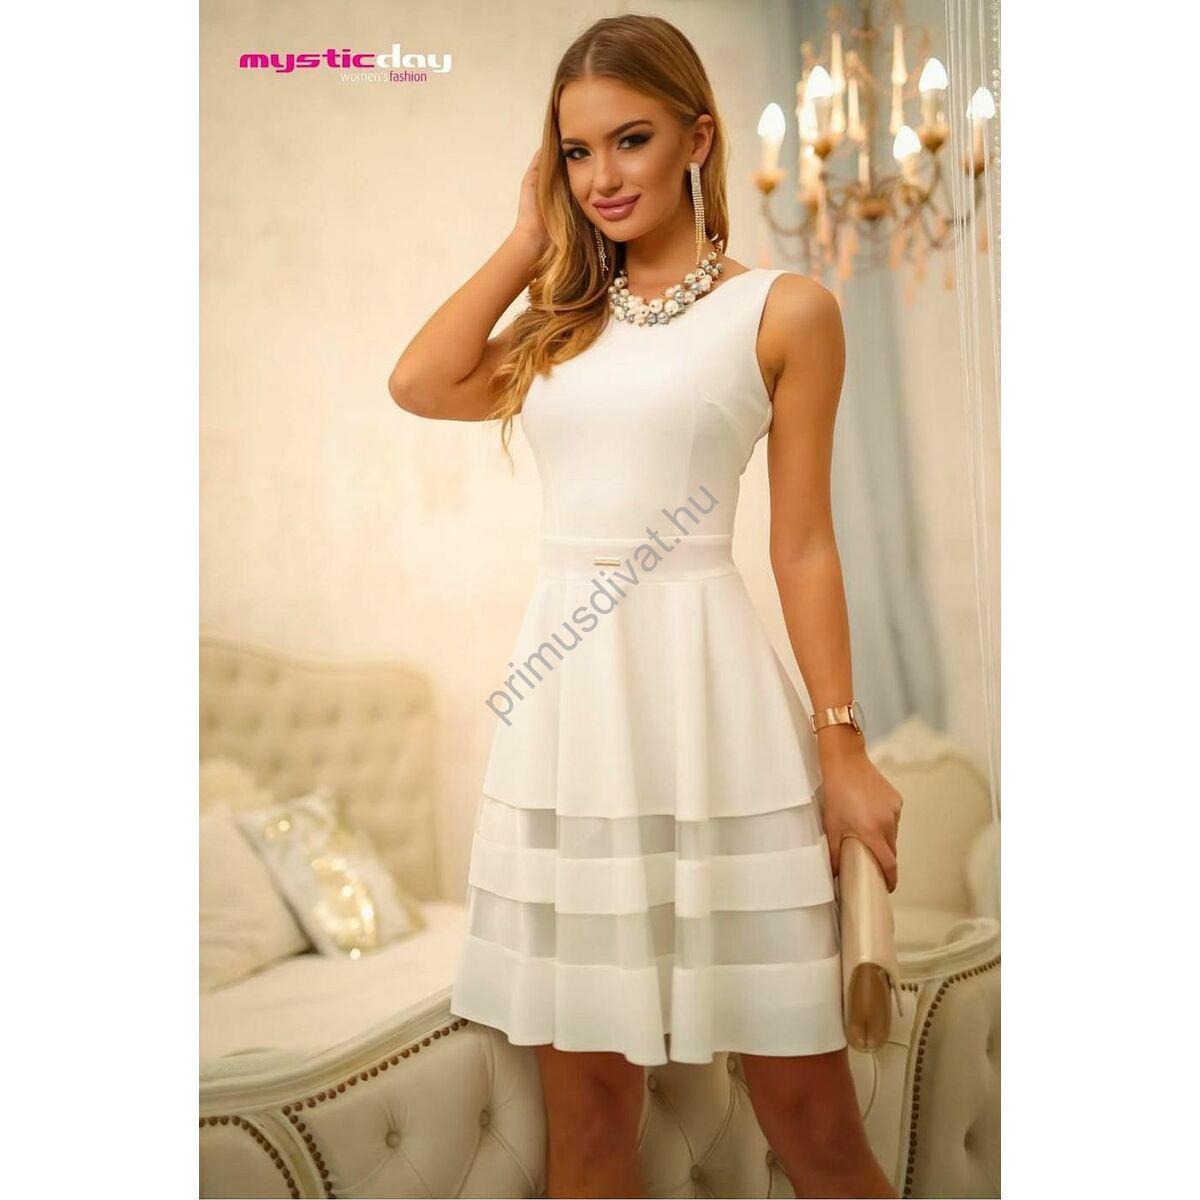 Mystic Day necc betétes loknis aljú, szatén alsószoknyás ujjatlan fehér alkalmi ruha